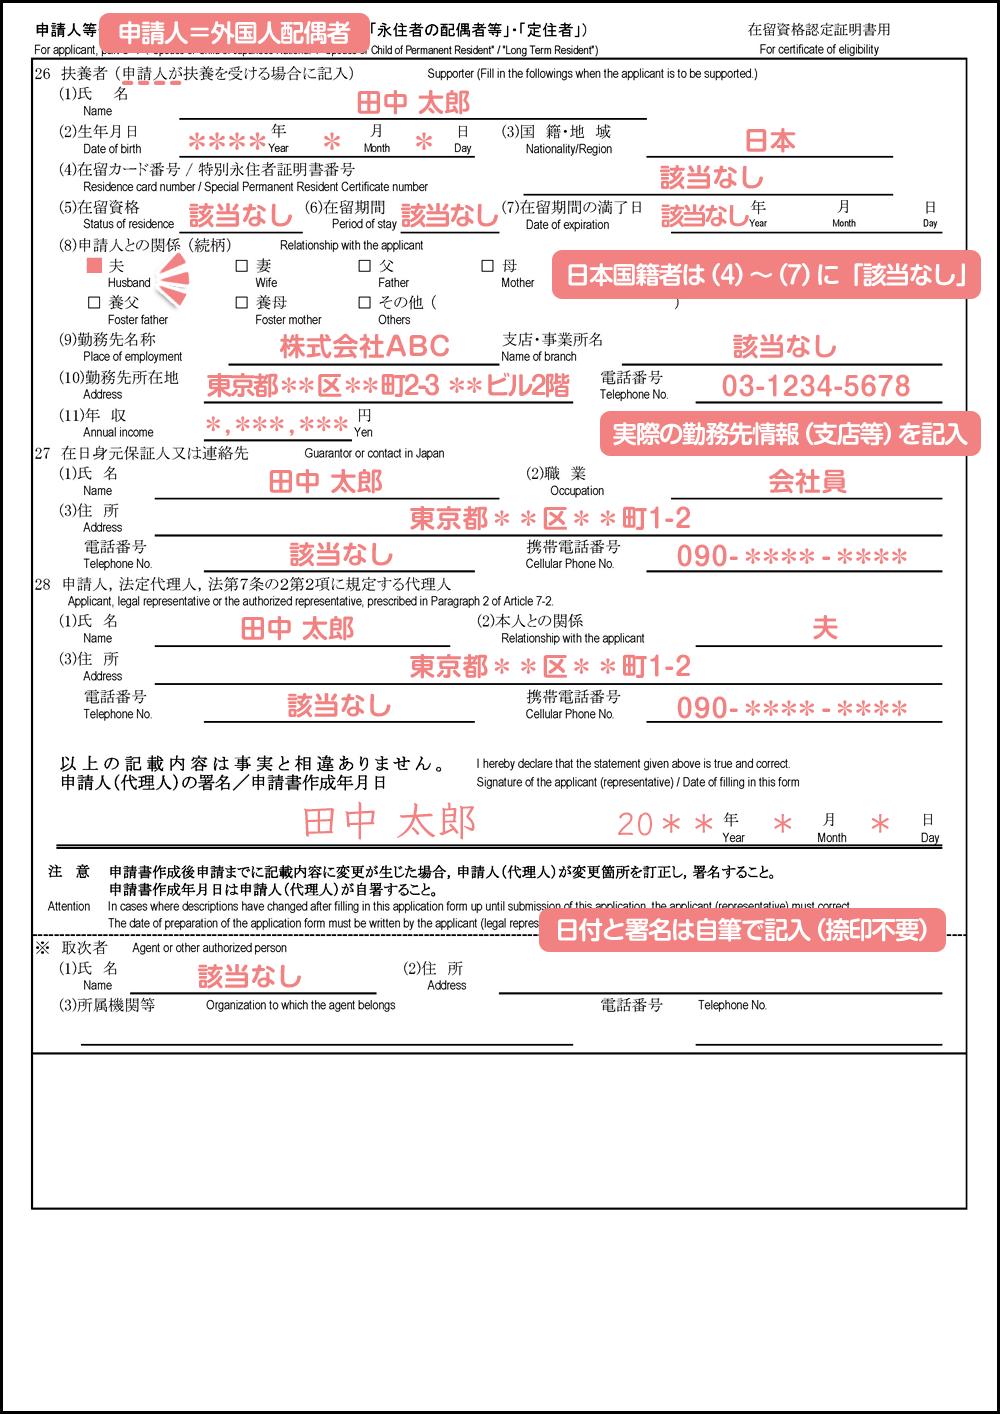 配偶者ビザ申請の在留資格認定証明書交付申請書_3枚目